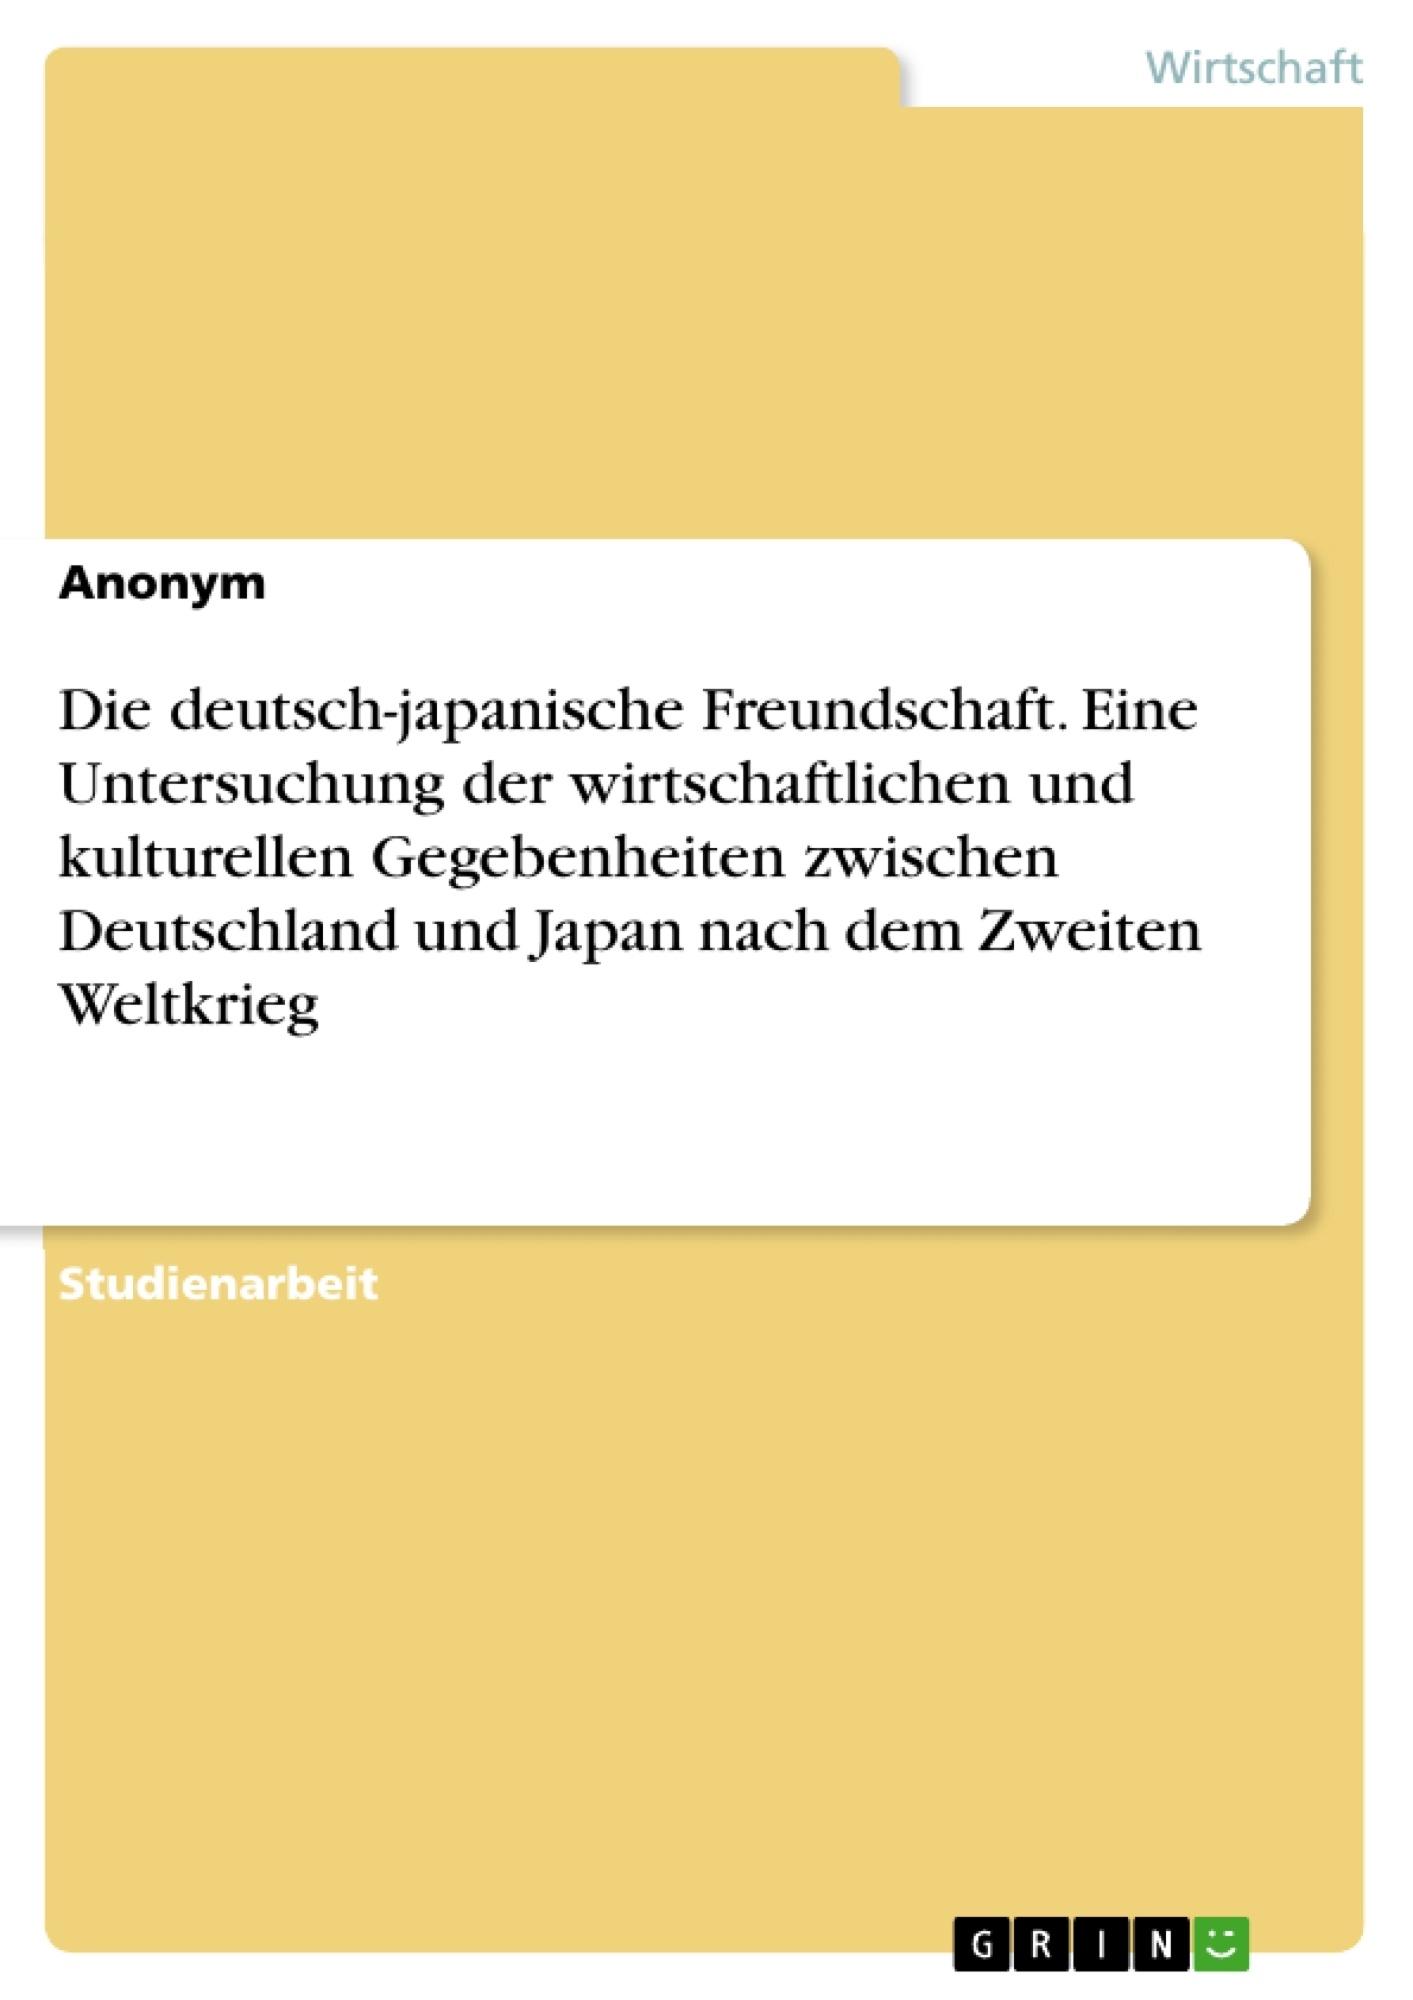 Titel: Die deutsch-japanische Freundschaft. Eine Untersuchung der wirtschaftlichen und kulturellen Gegebenheiten zwischen Deutschland und Japan nach dem Zweiten Weltkrieg